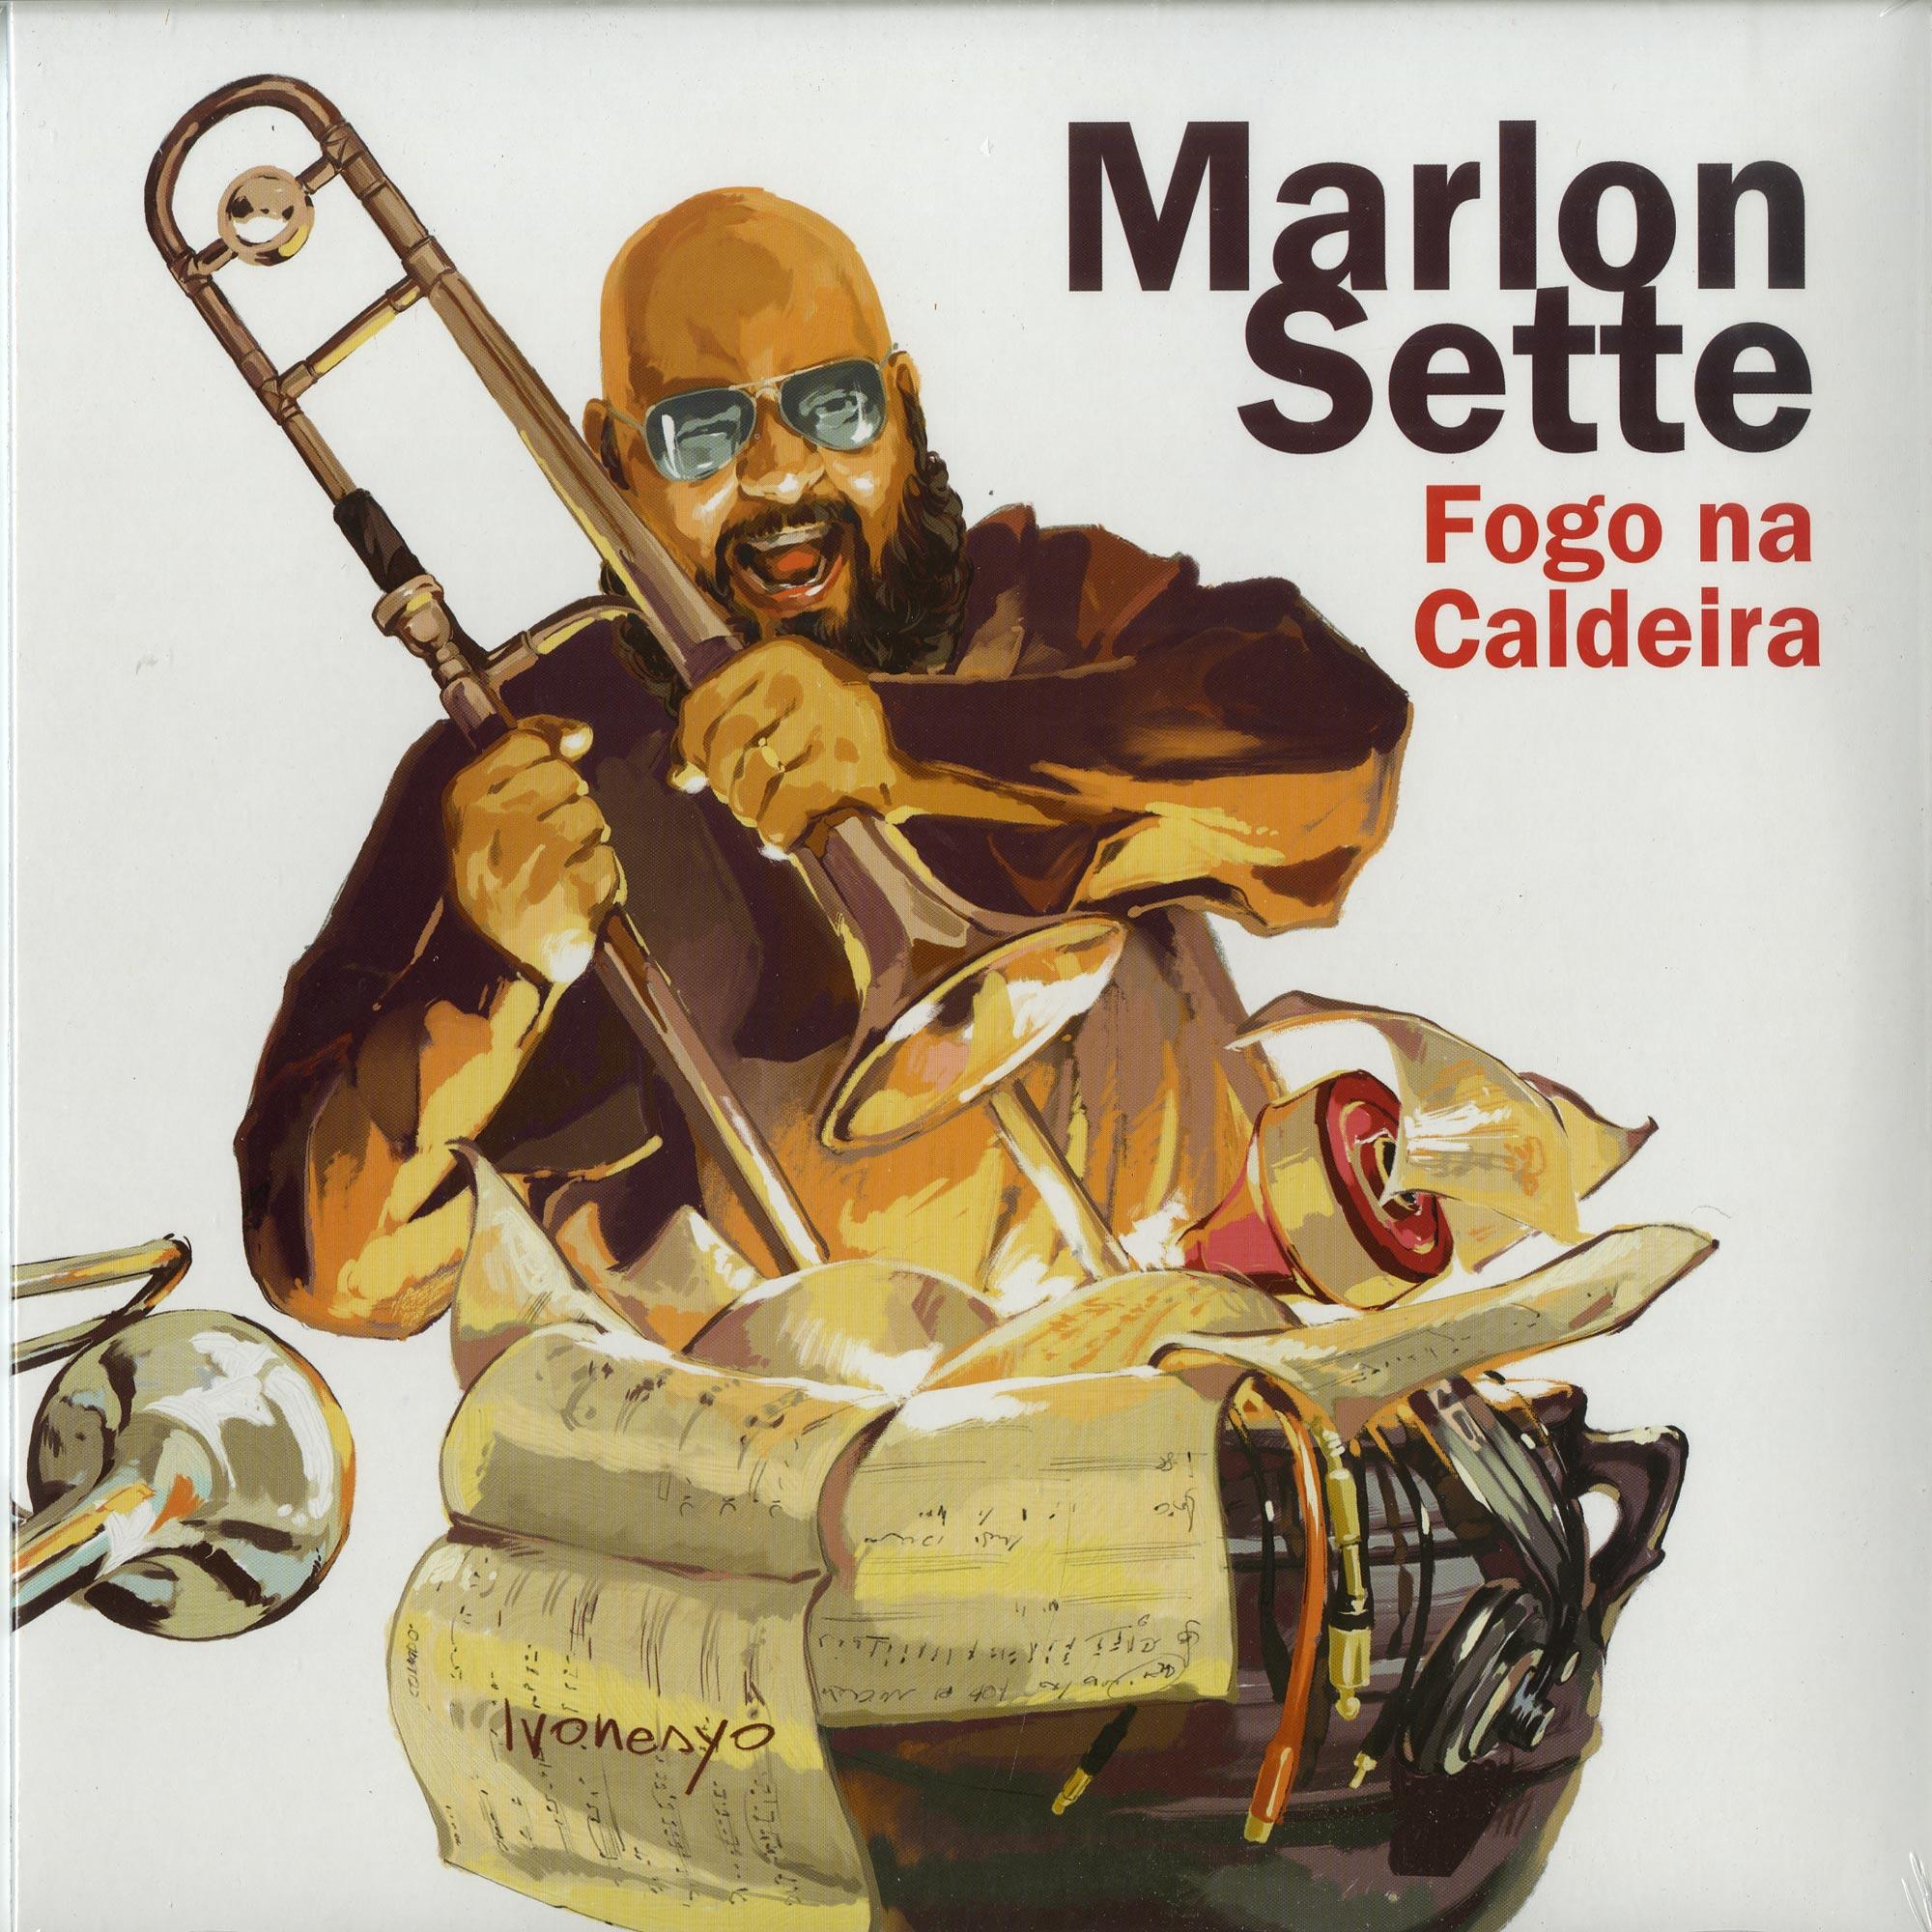 Marlon Sette - FOGO NA CALDEIRA